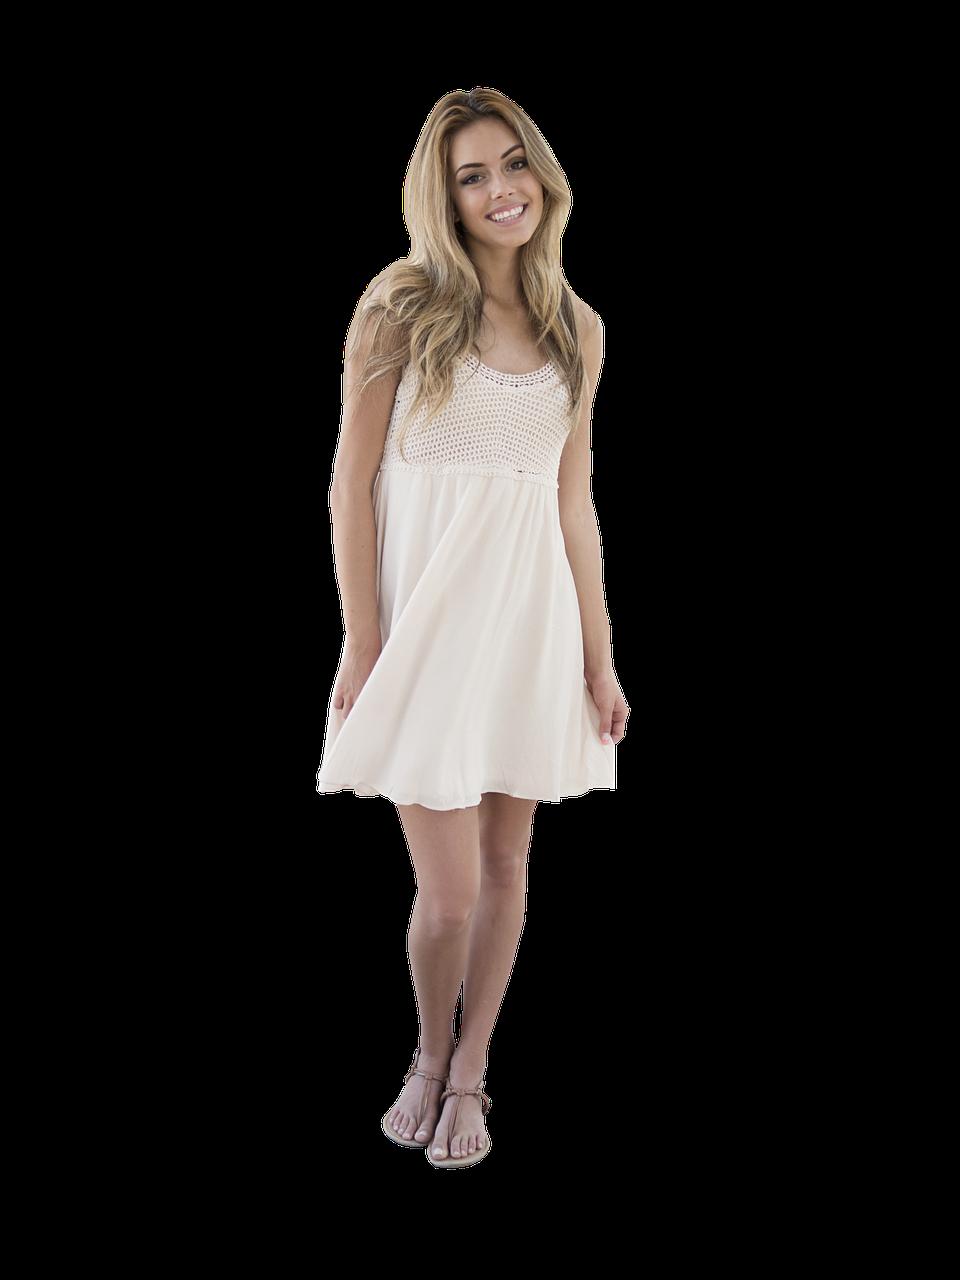 איך ללמוד לתפור שמלות